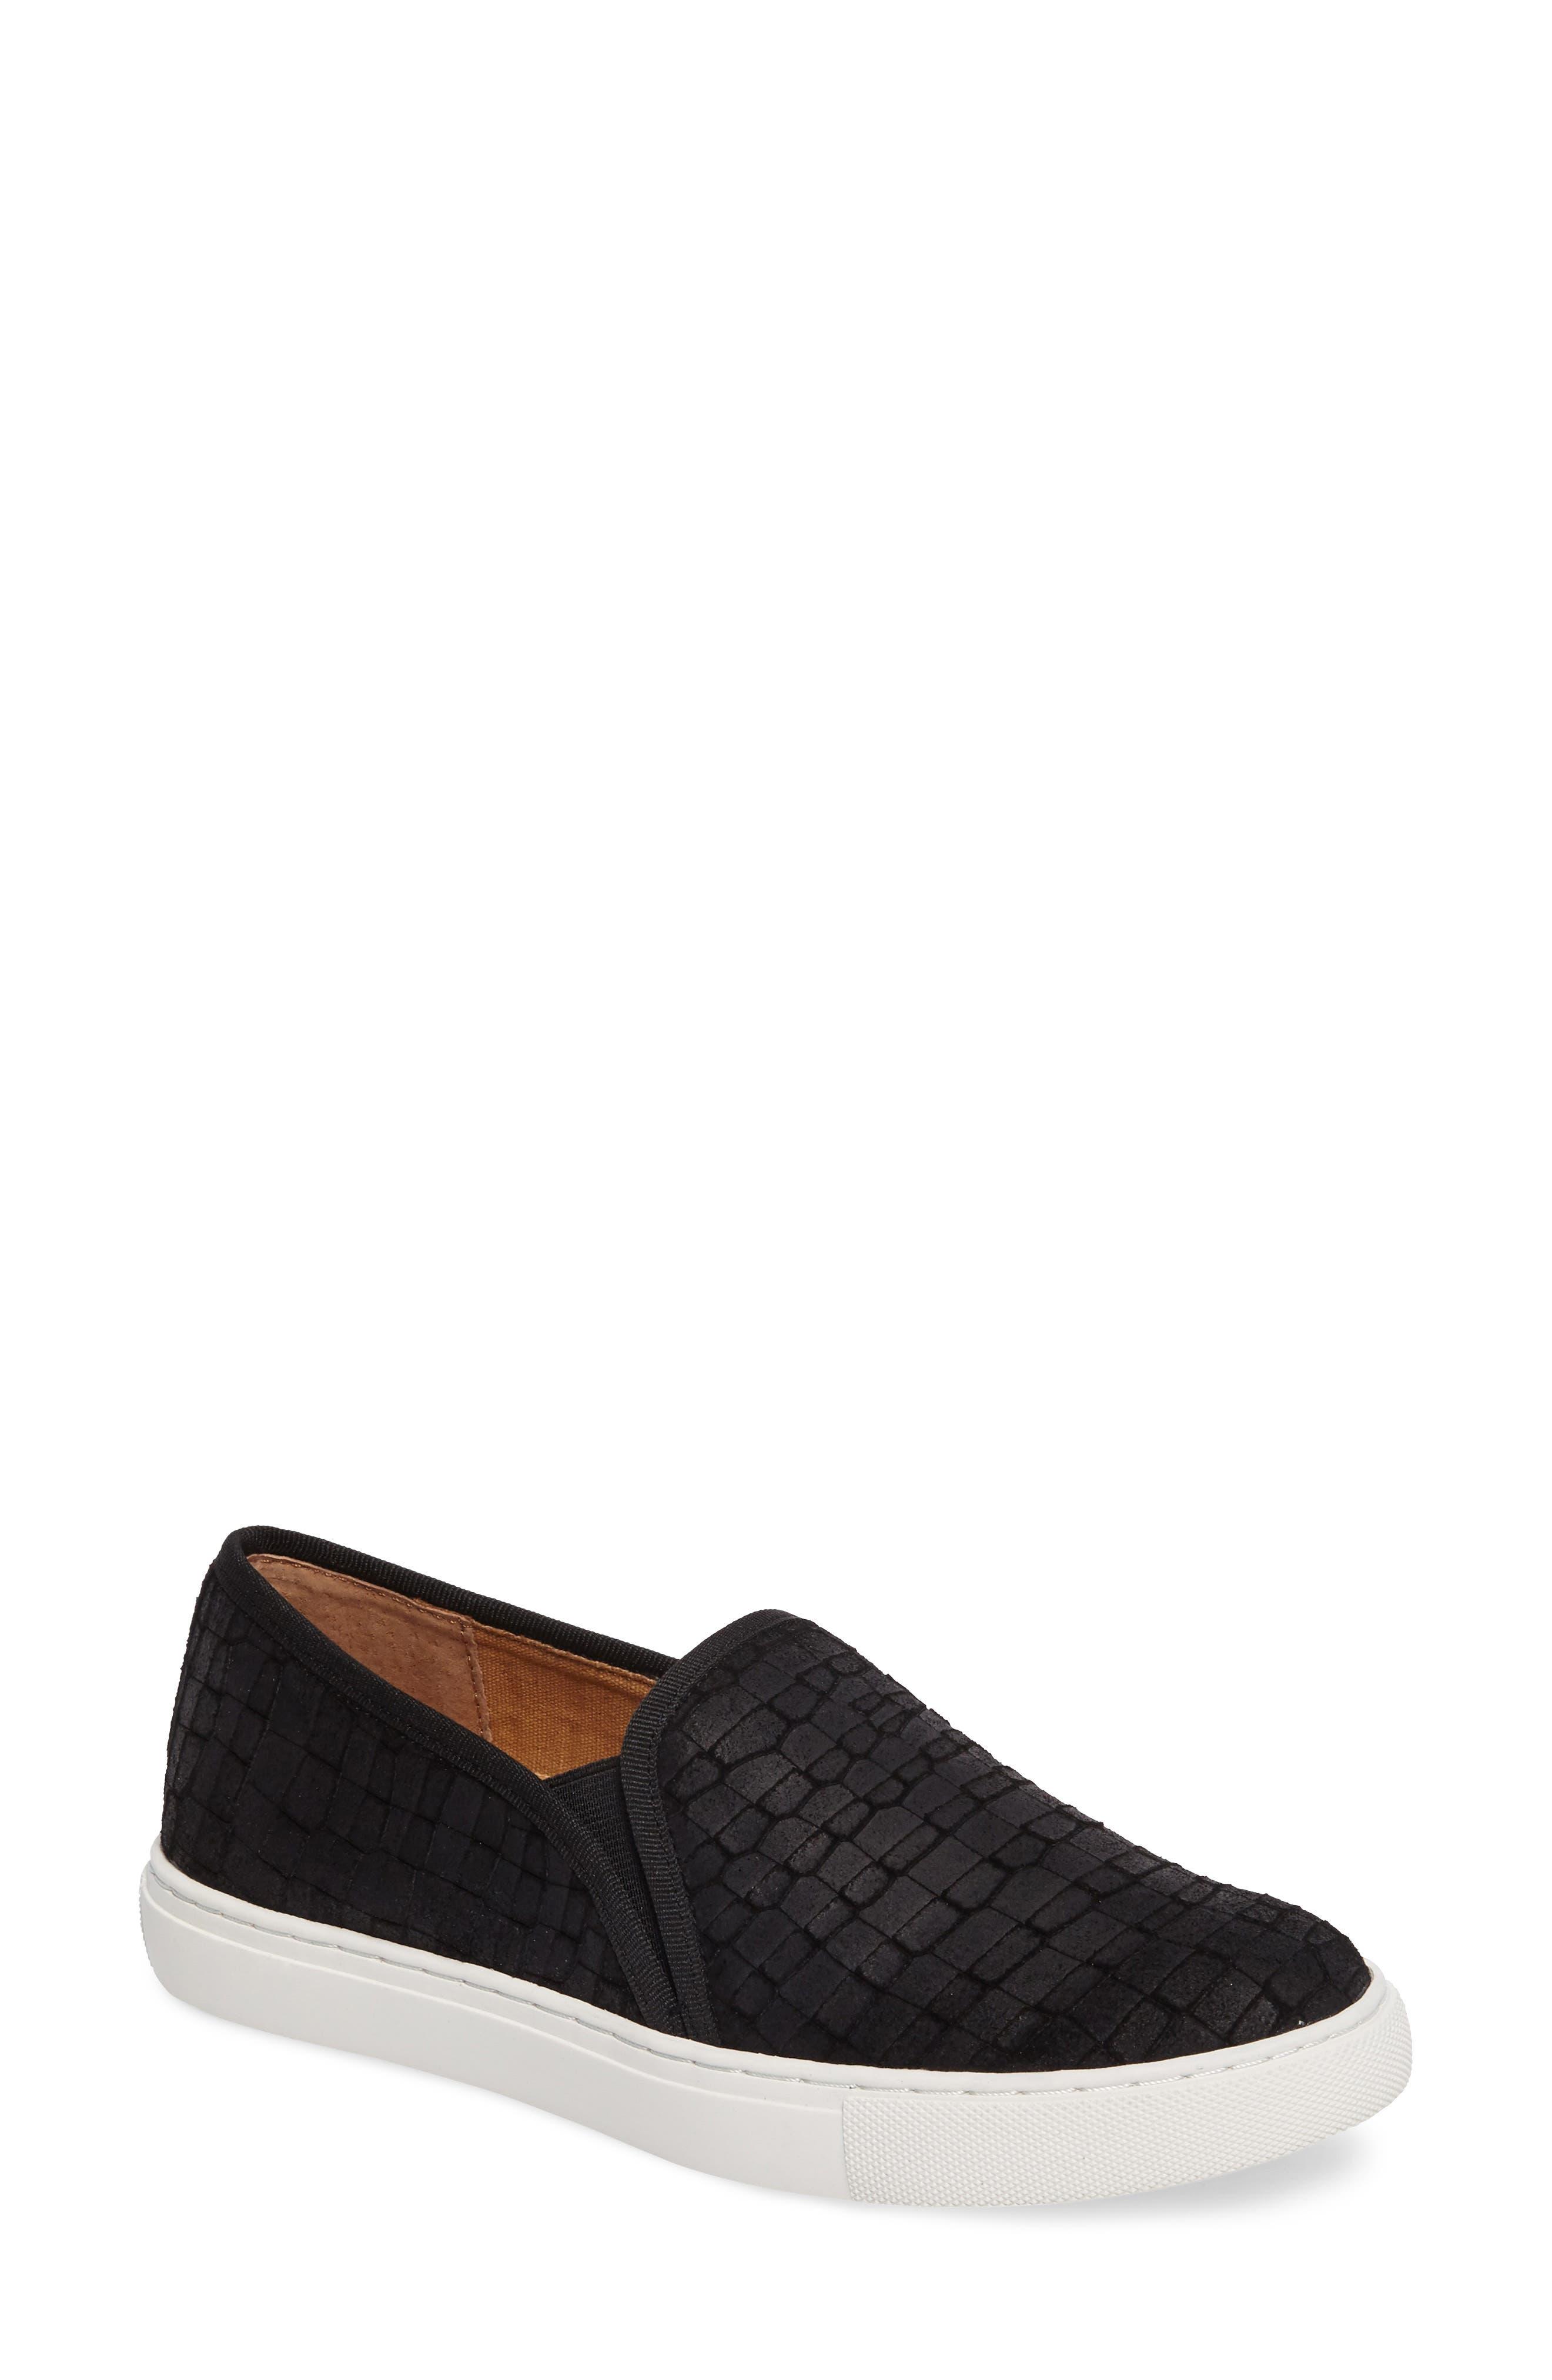 CC Corso Como Skipper Slip-On Sneaker,                         Main,                         color, 002